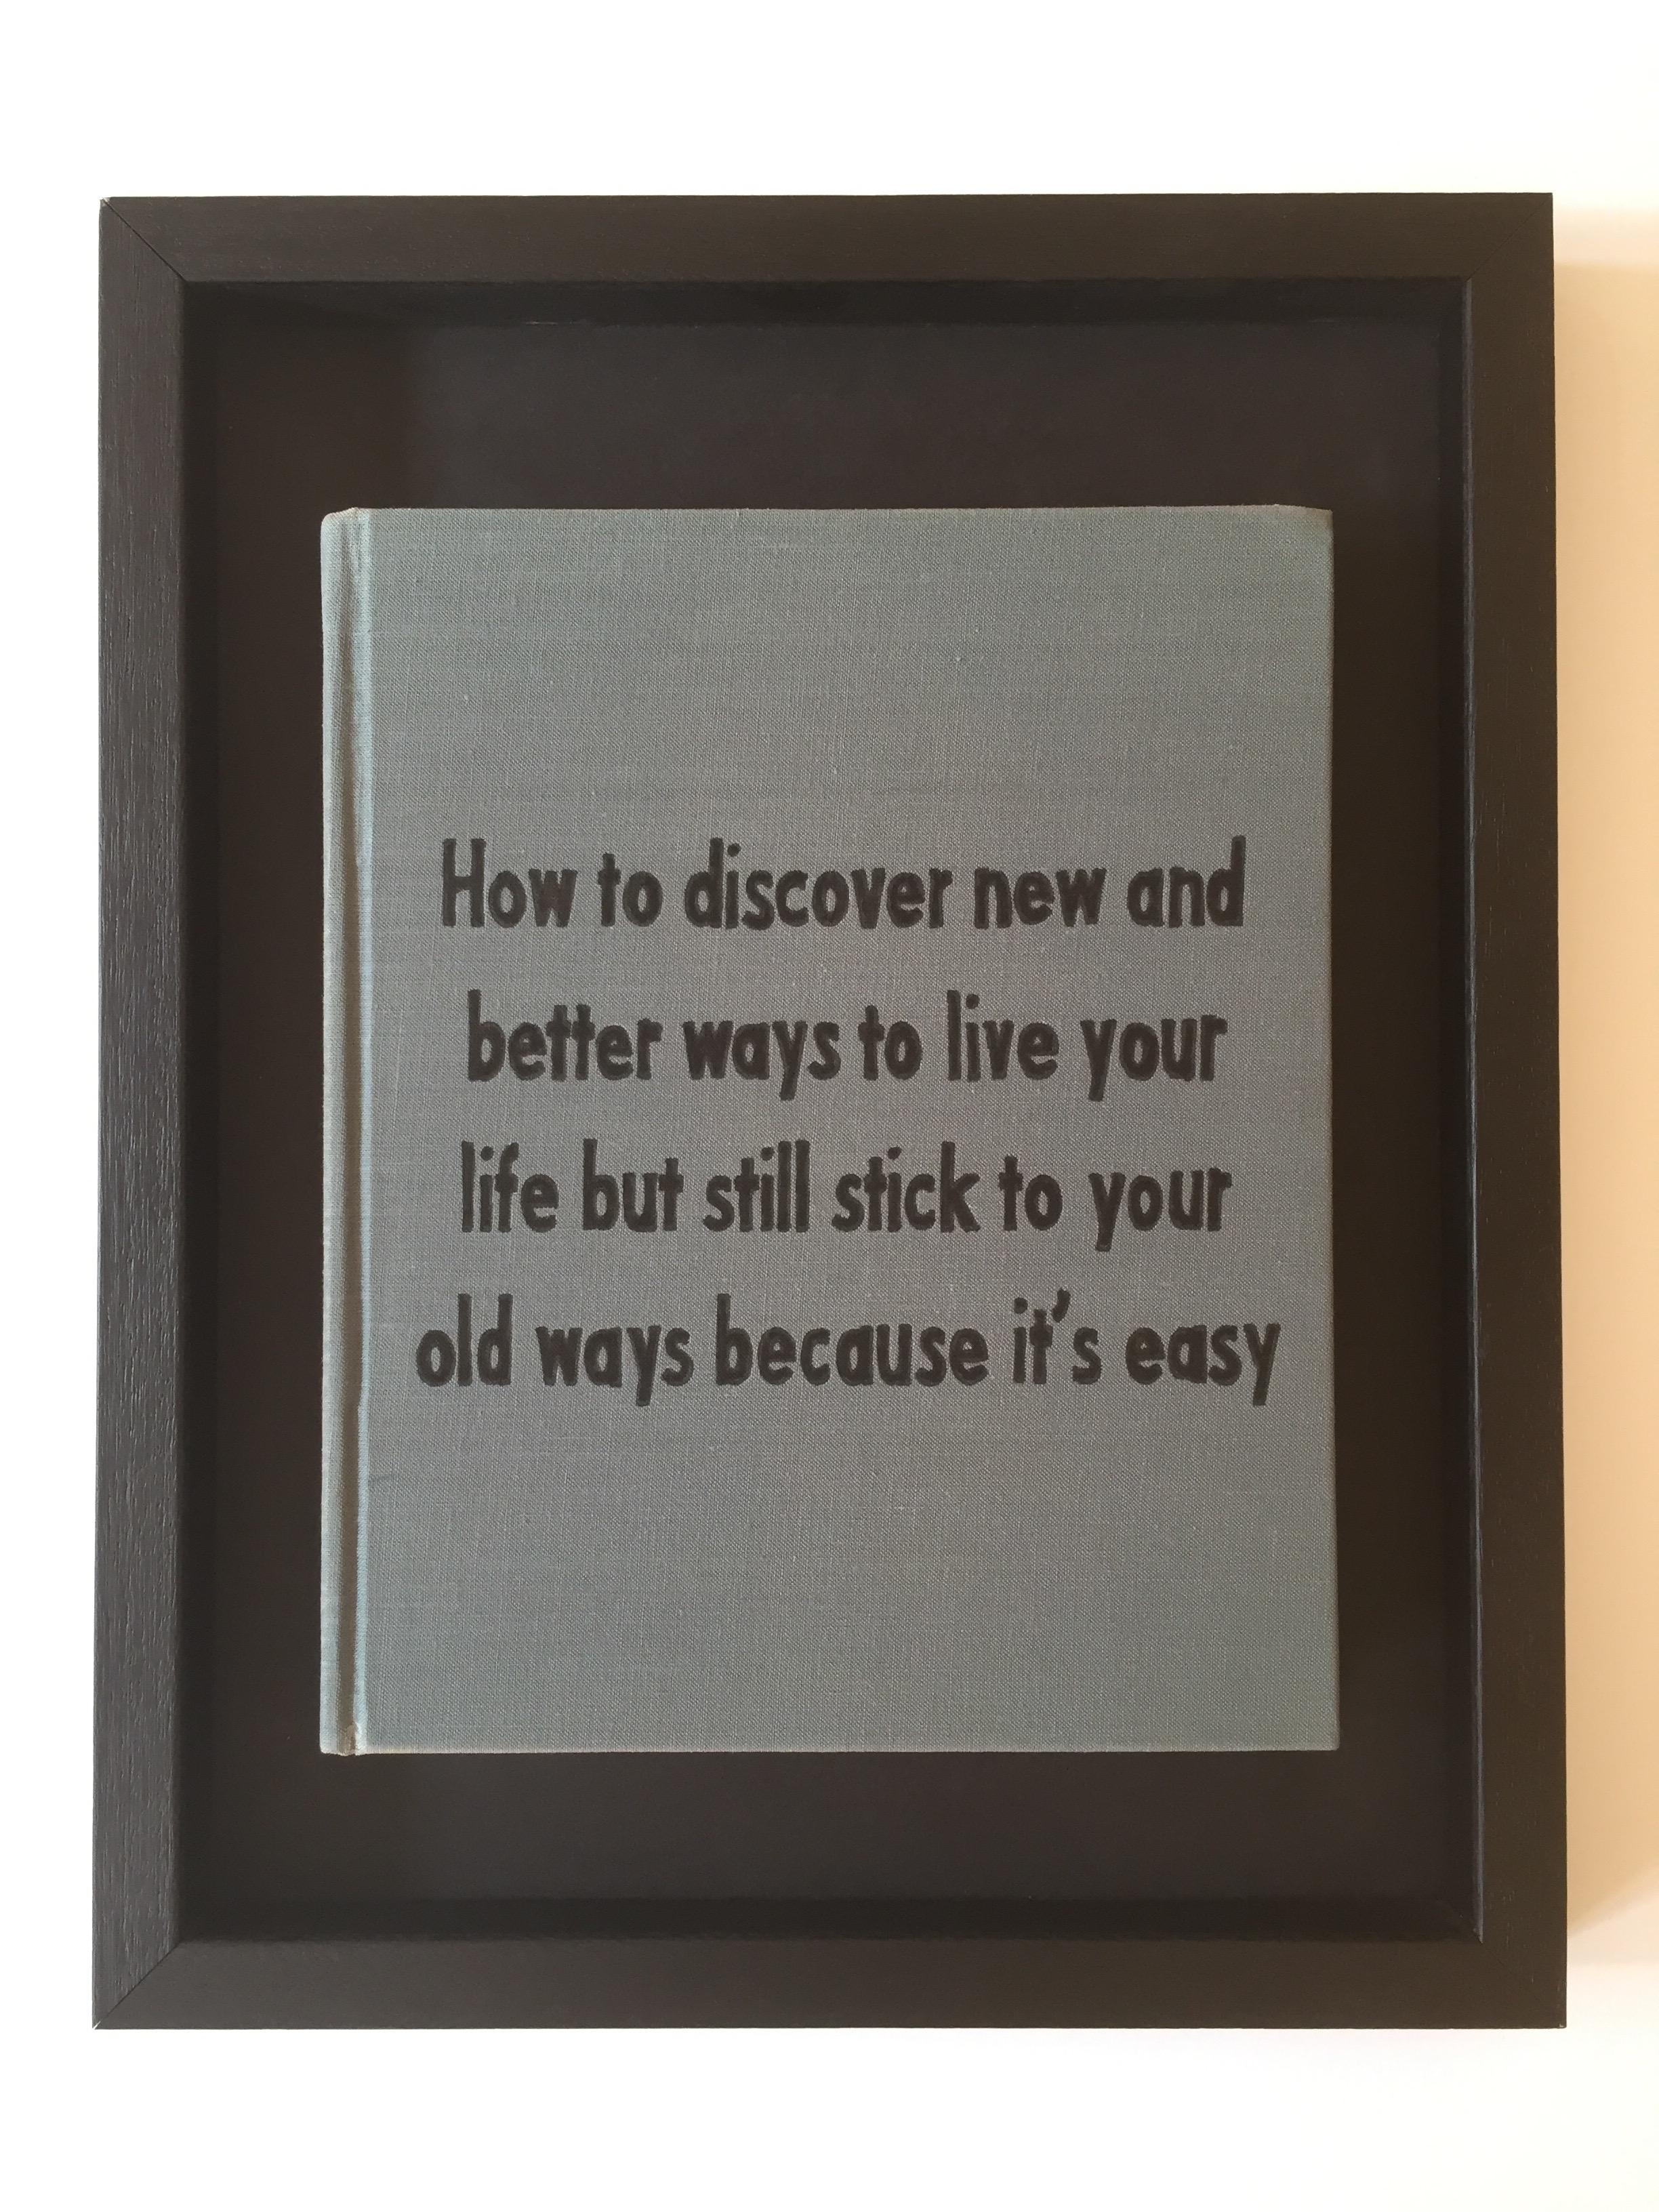 - Terwijl ik dit schrijf moet ik eigenlijk een boek lezen dat ik over twee dagen uit moet hebben. Ik ben pas op de helft, maar ik heb geen tijd om het uit te lezen; ik moet werken, heb afspraken, ga sporten en mijn vrije momenten zijn volgepland met het uitstellen van lezen. Ik moet nog driehonderd pagina's en dat terwijl ik me een maand geleden had voorgenomen er elke dag veertig te lezen.